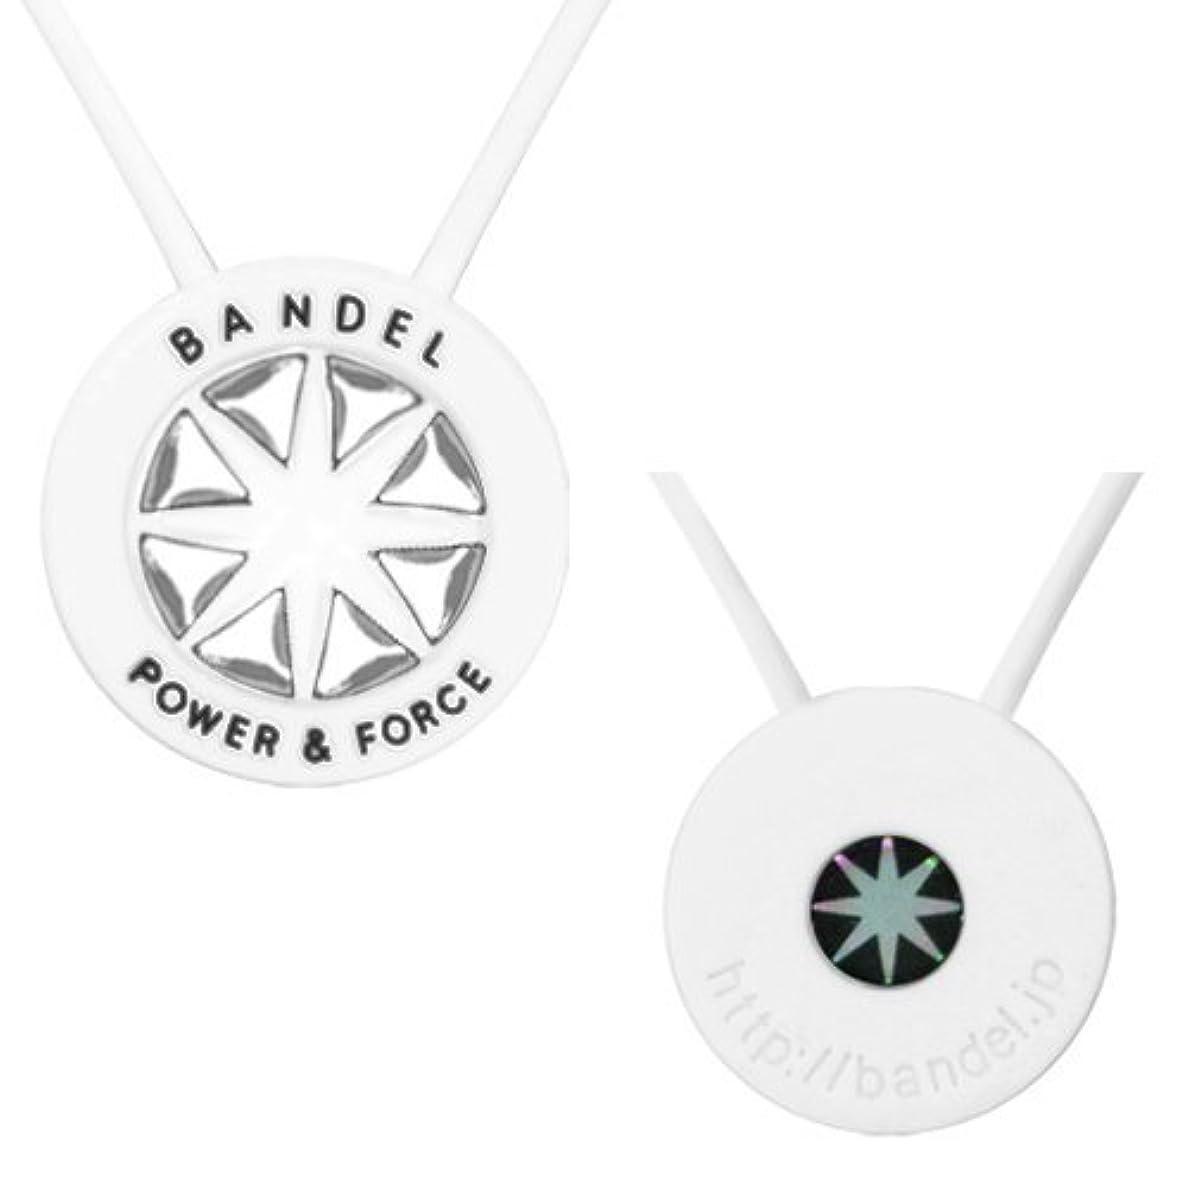 思い出すよりコメンテーターバンデル(BANDEL) メタルプレート スポーツギア シリコンネックレス (ホワイト×シルバー) レギュラータイプ